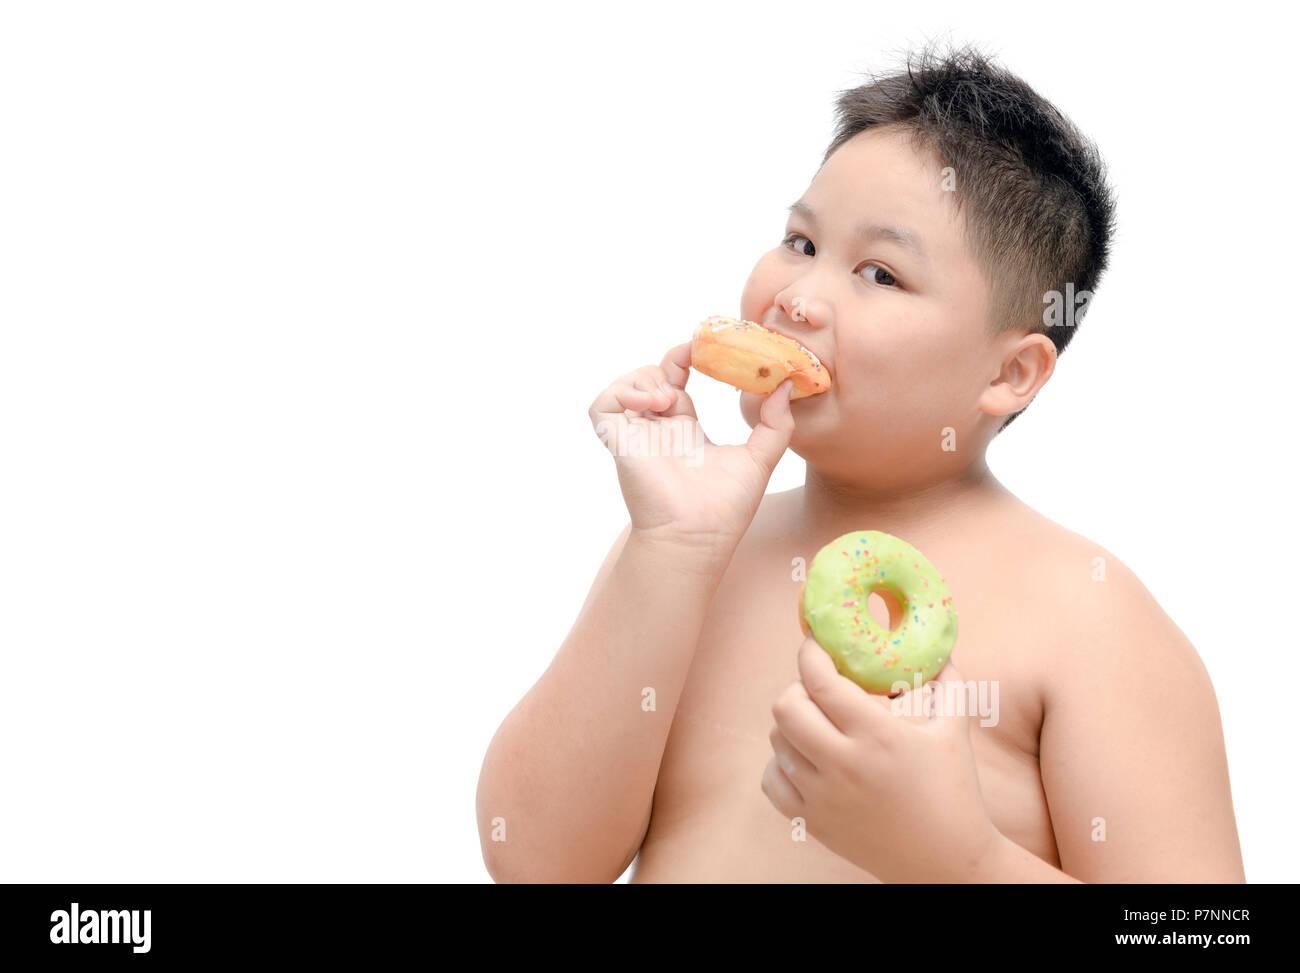 Fat boy obèse mange donut isolé sur fond blanc, la malbouffe et les régimes amaigrissants concept Photo Stock